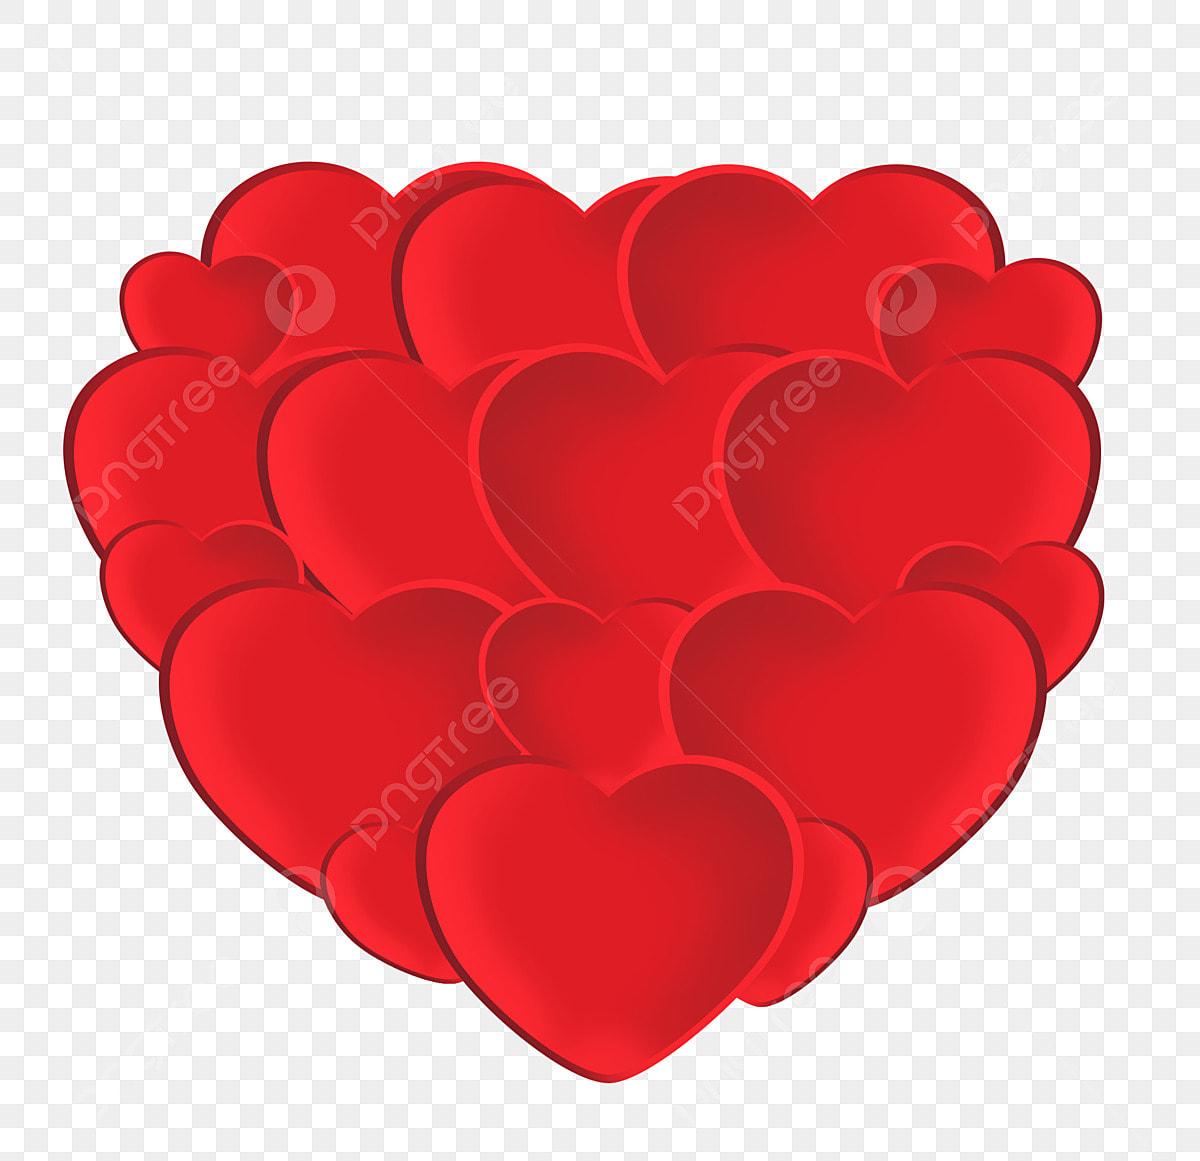 الحب عيد الحب التوضيح حب كبير أحمر قلب كبير مؤلف من قلوب حمراء وسام عيد الحب قلب كبير مؤلف من قلوب حمراء رومانسي فالنتين Png وملف Psd للتحميل مجانا